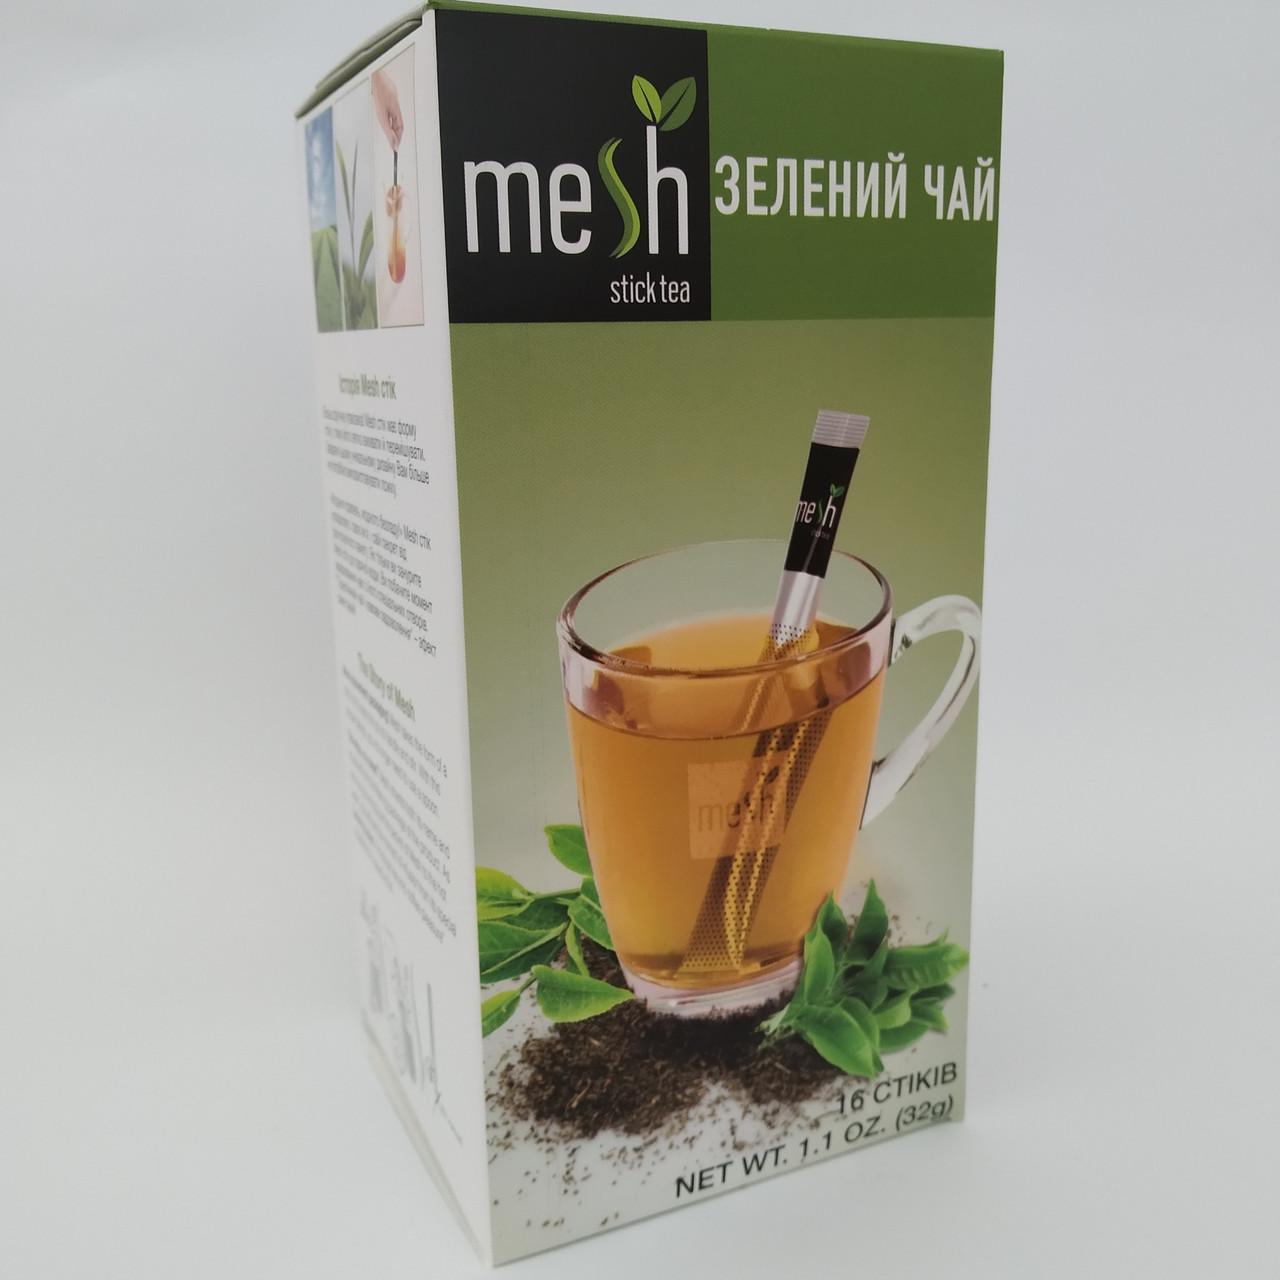 Зелений чай в стіках Mesh Steick Tea, 16*2г